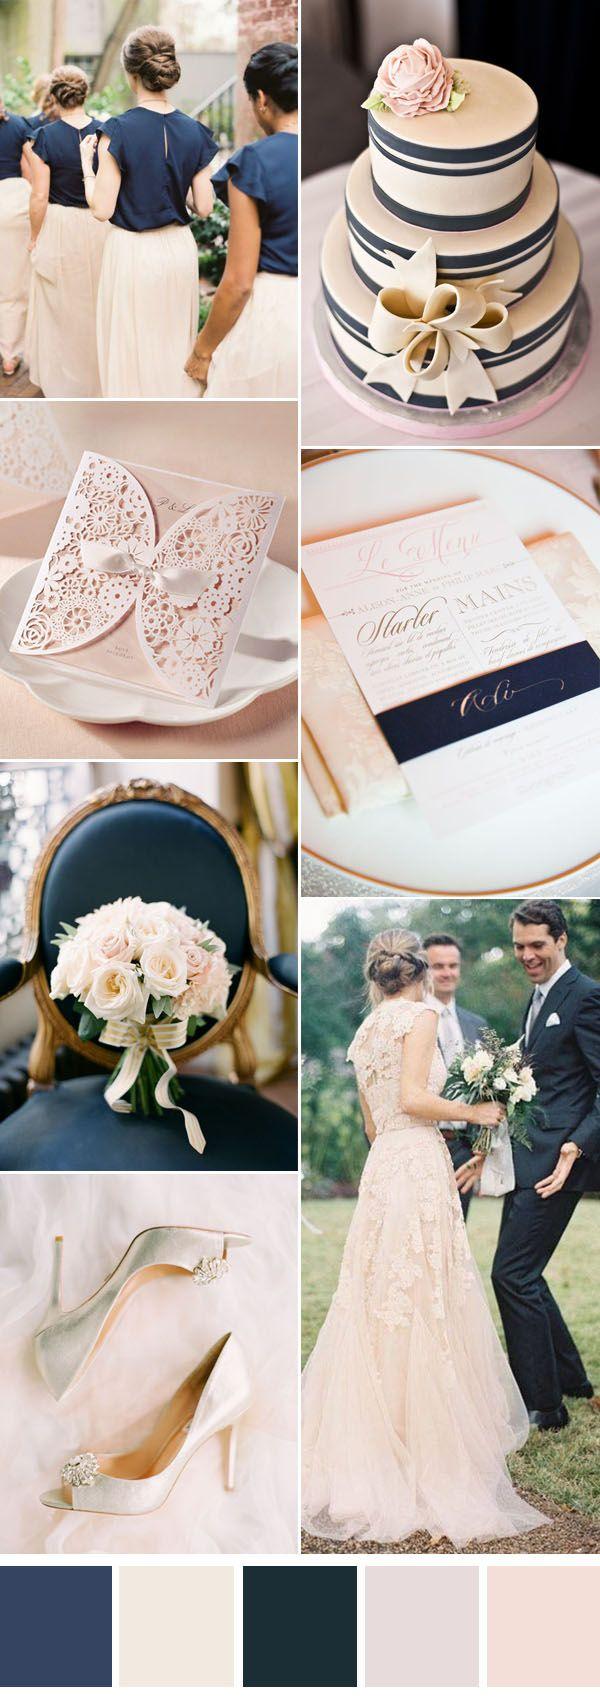 azul marinho e blush inspiração de casamento neutro